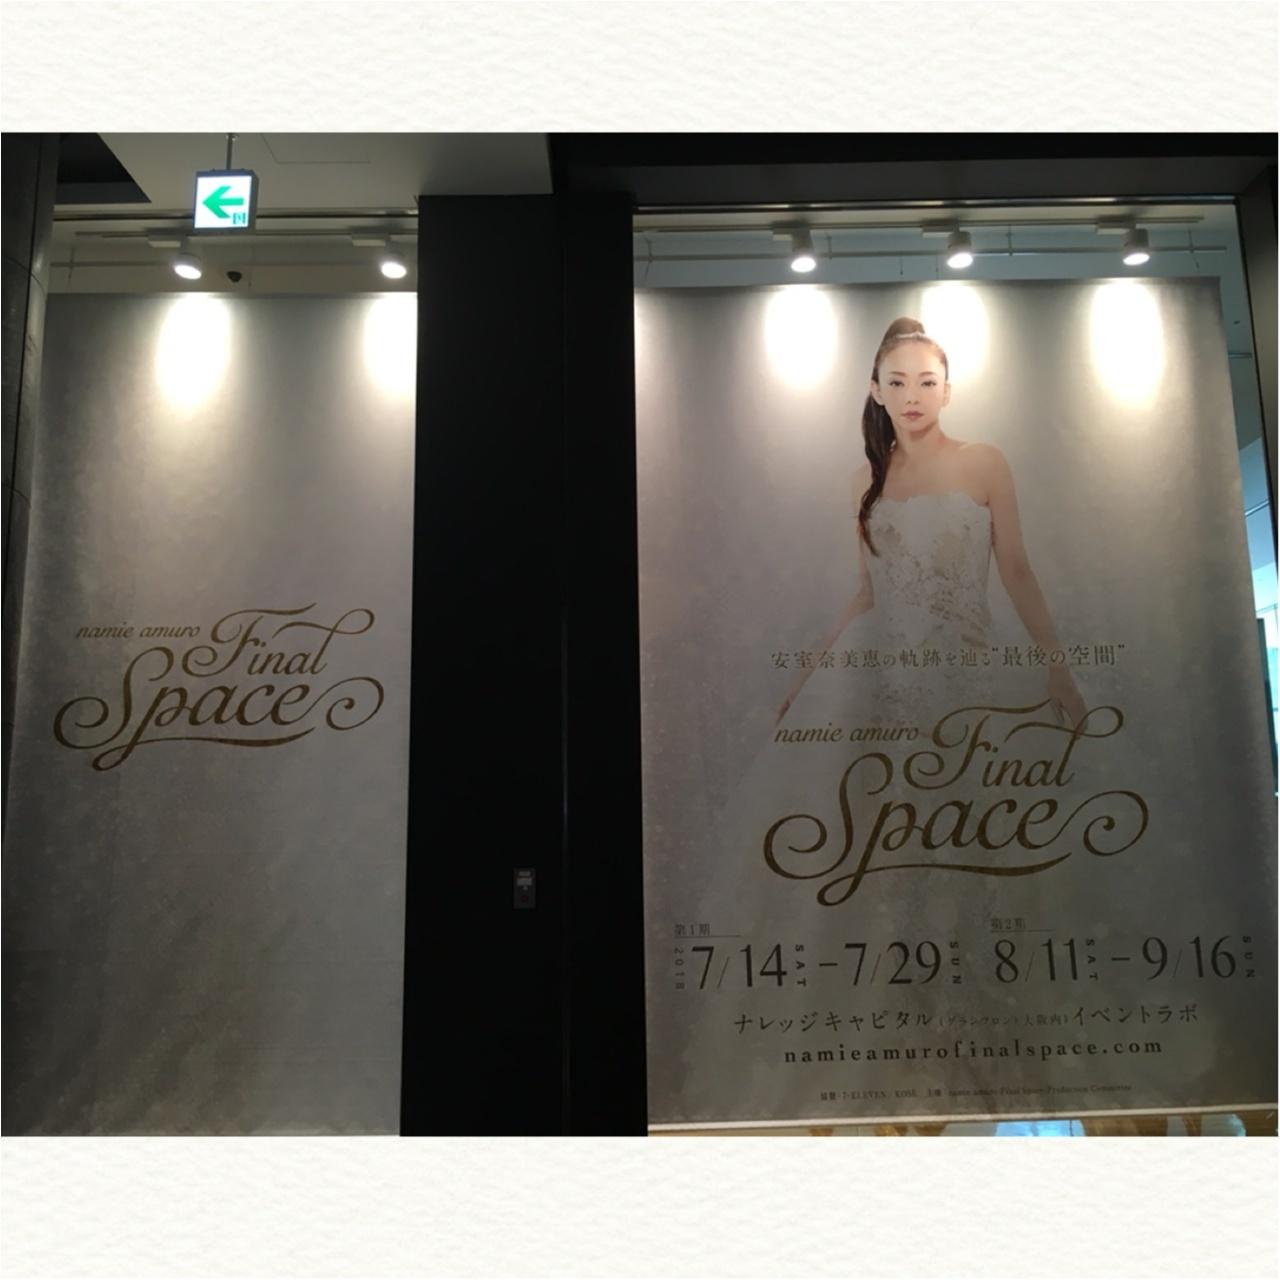 25年間が詰まった最後の空間!namie amuro Final Spaceがいよいよ開幕♡_1